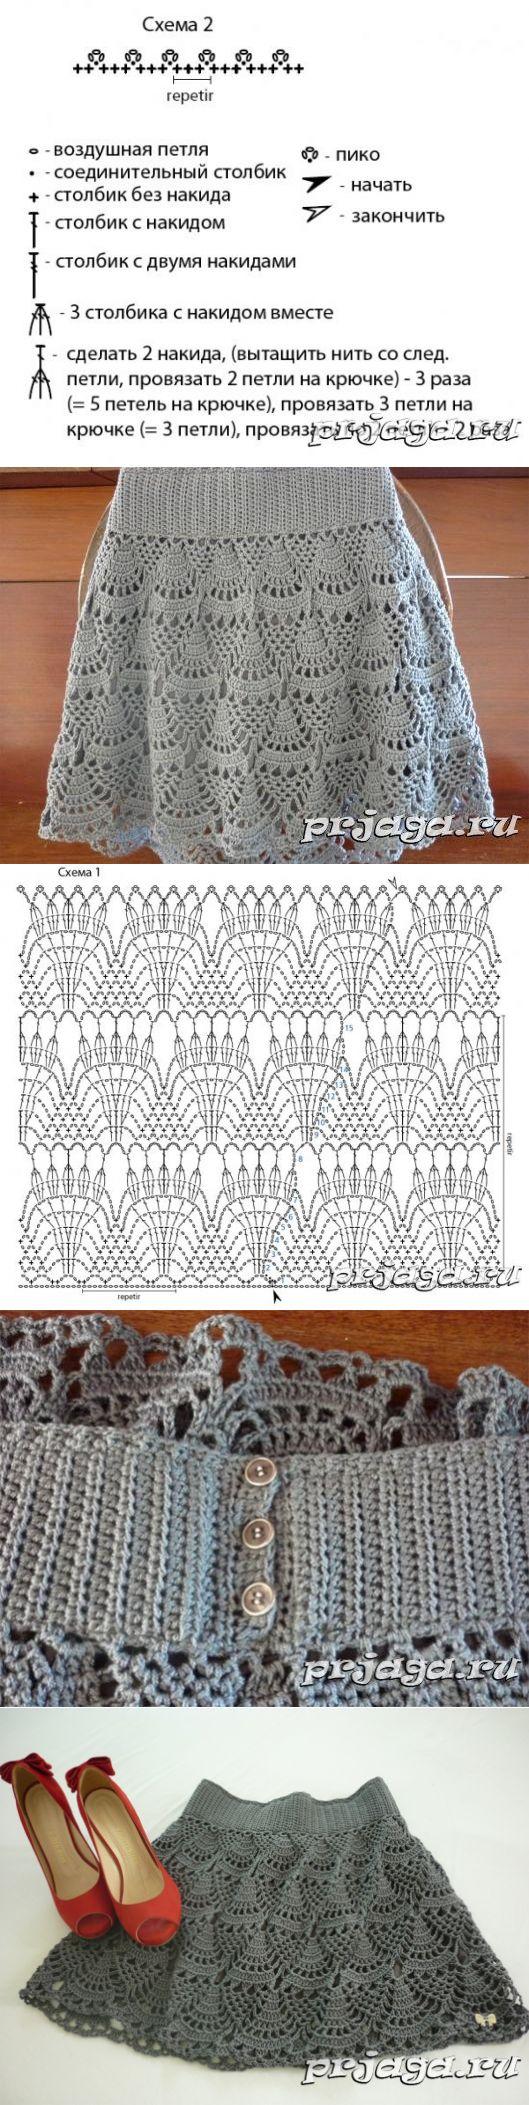 Prjaga ru вязание крючком 40